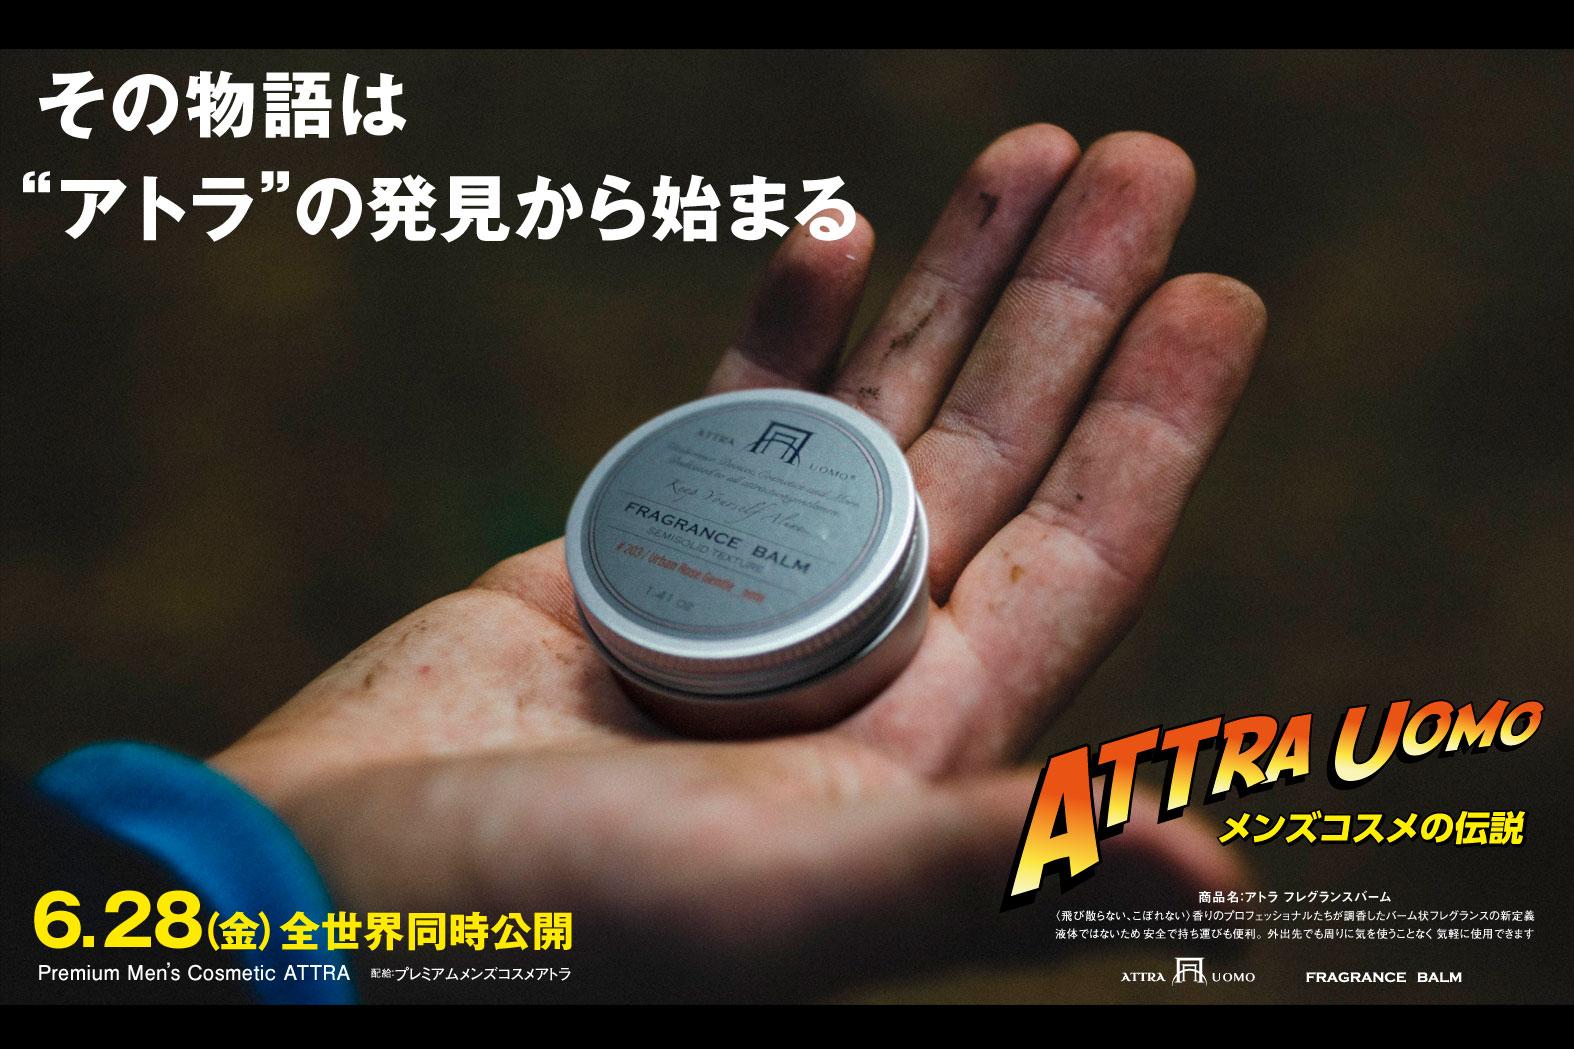 映画風イメージ広告